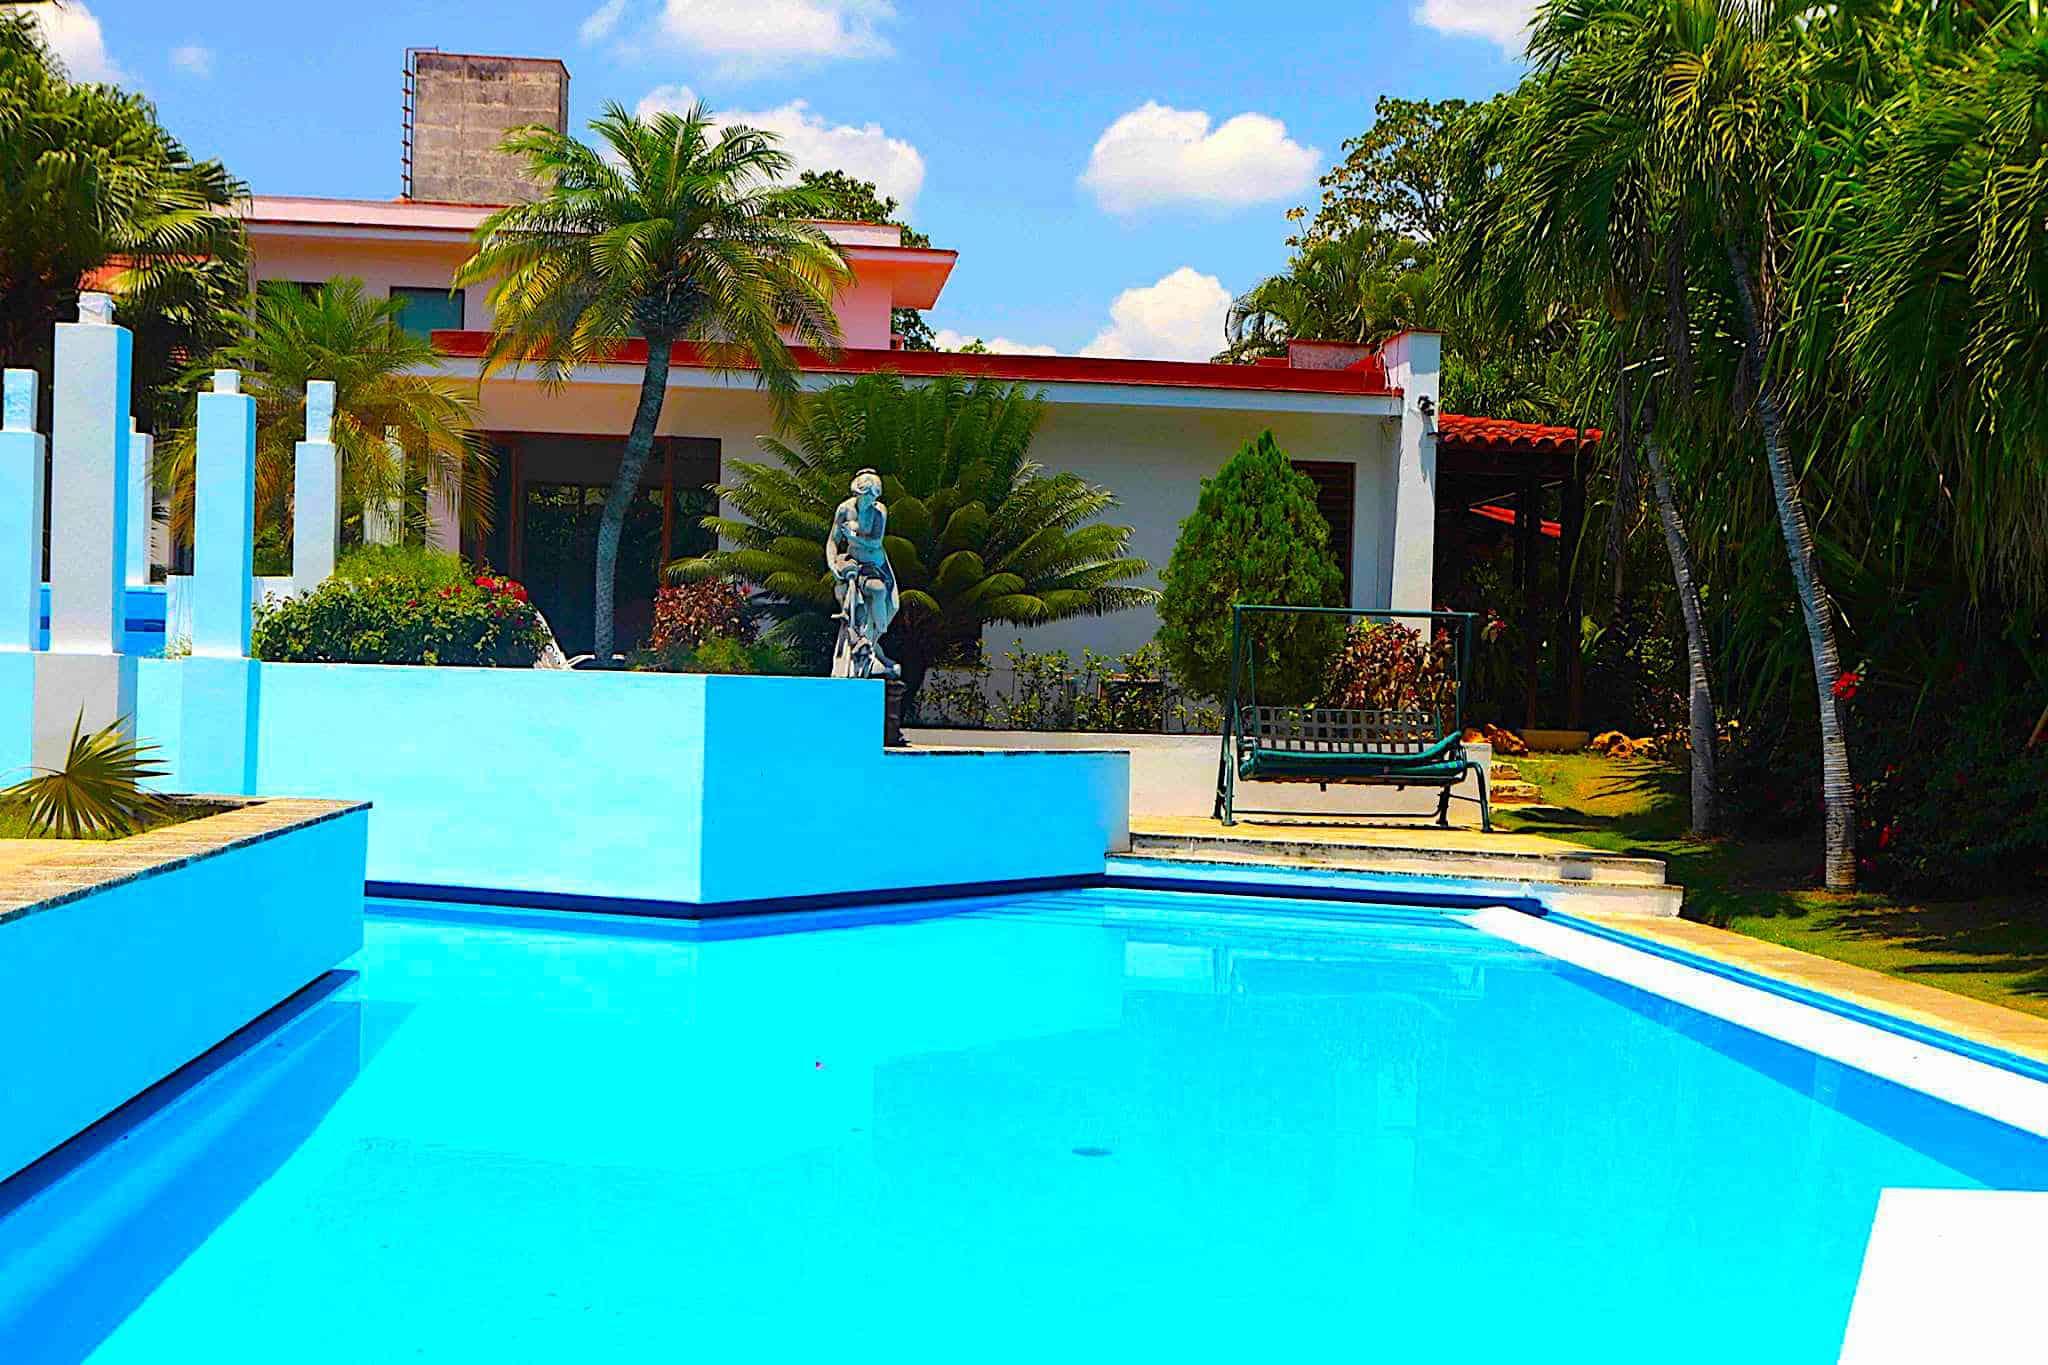 Lujocuba renta de villas con piscina y casas de lujo en cuba for Casas con piscina en cuba